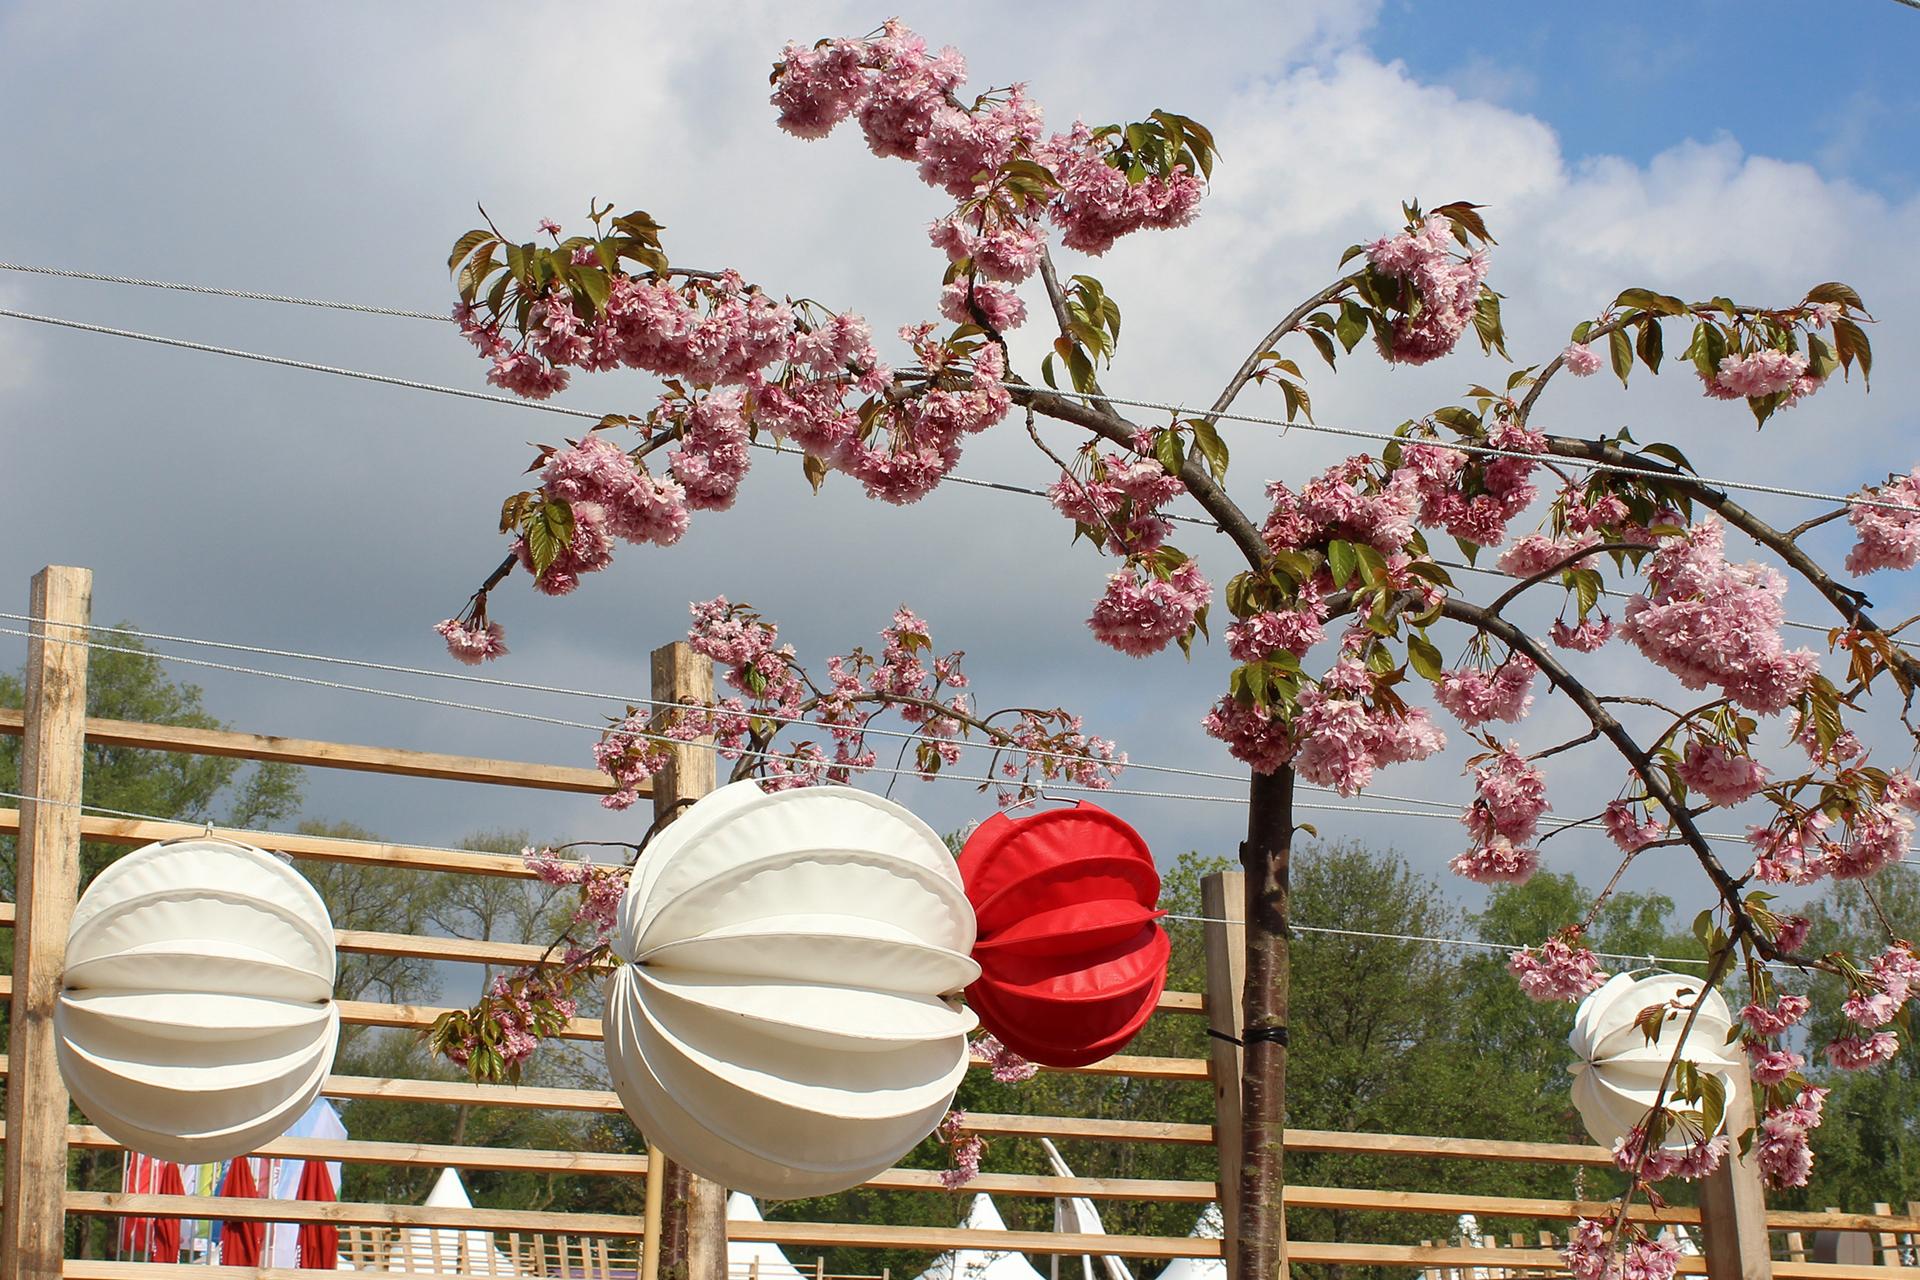 Stimmungsvolles Ambiente zum Frühlingsfest